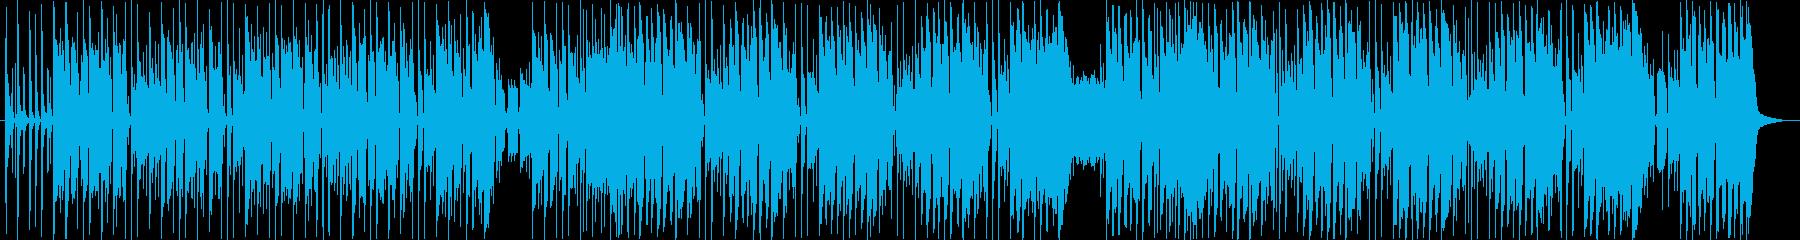 ほのぼのした日常系ブルースの再生済みの波形